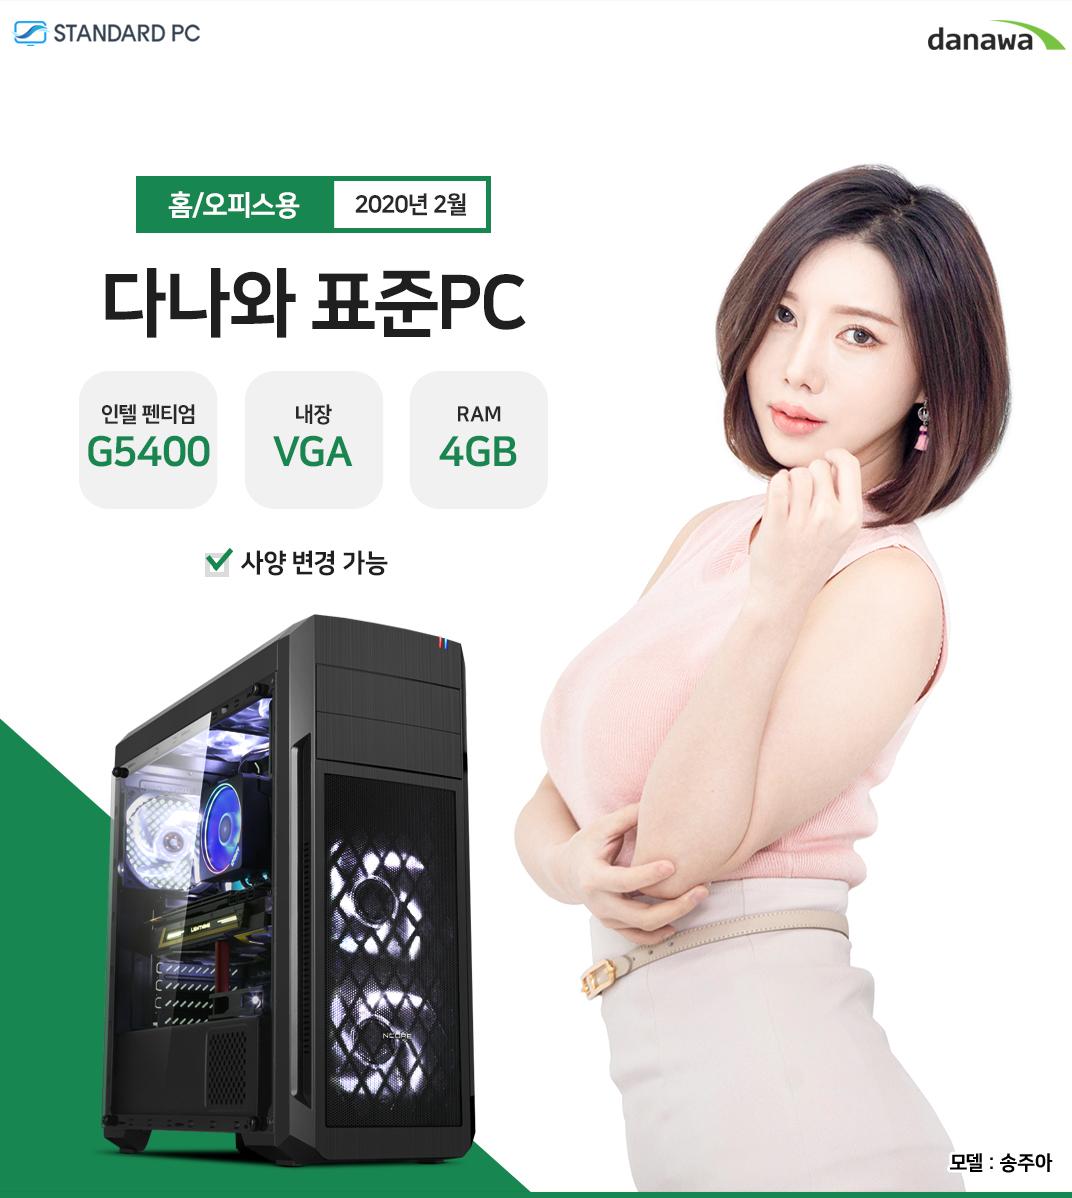 2020년 02월 다나와 표준PC 홈/오피스용 인텔G5400 내장 VGA RAM 4G 모델 송주아